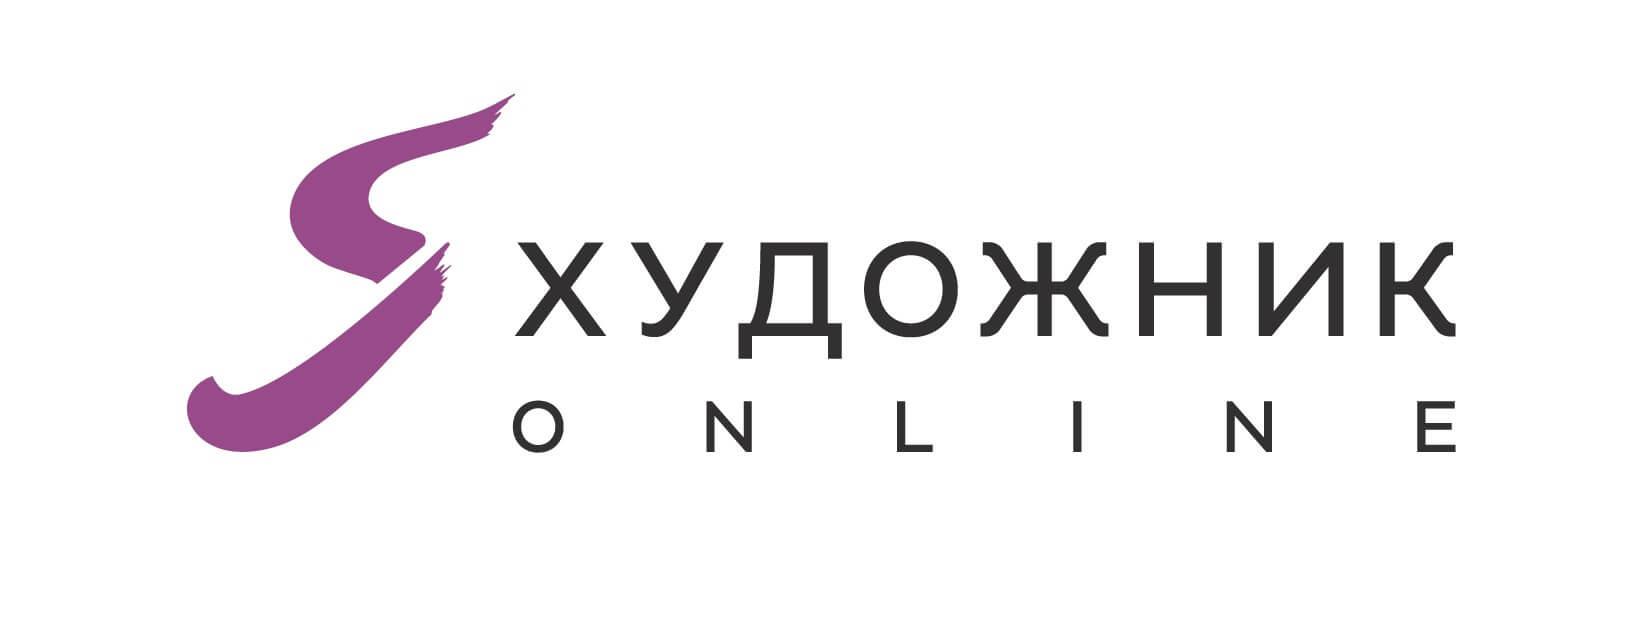 Художник Online